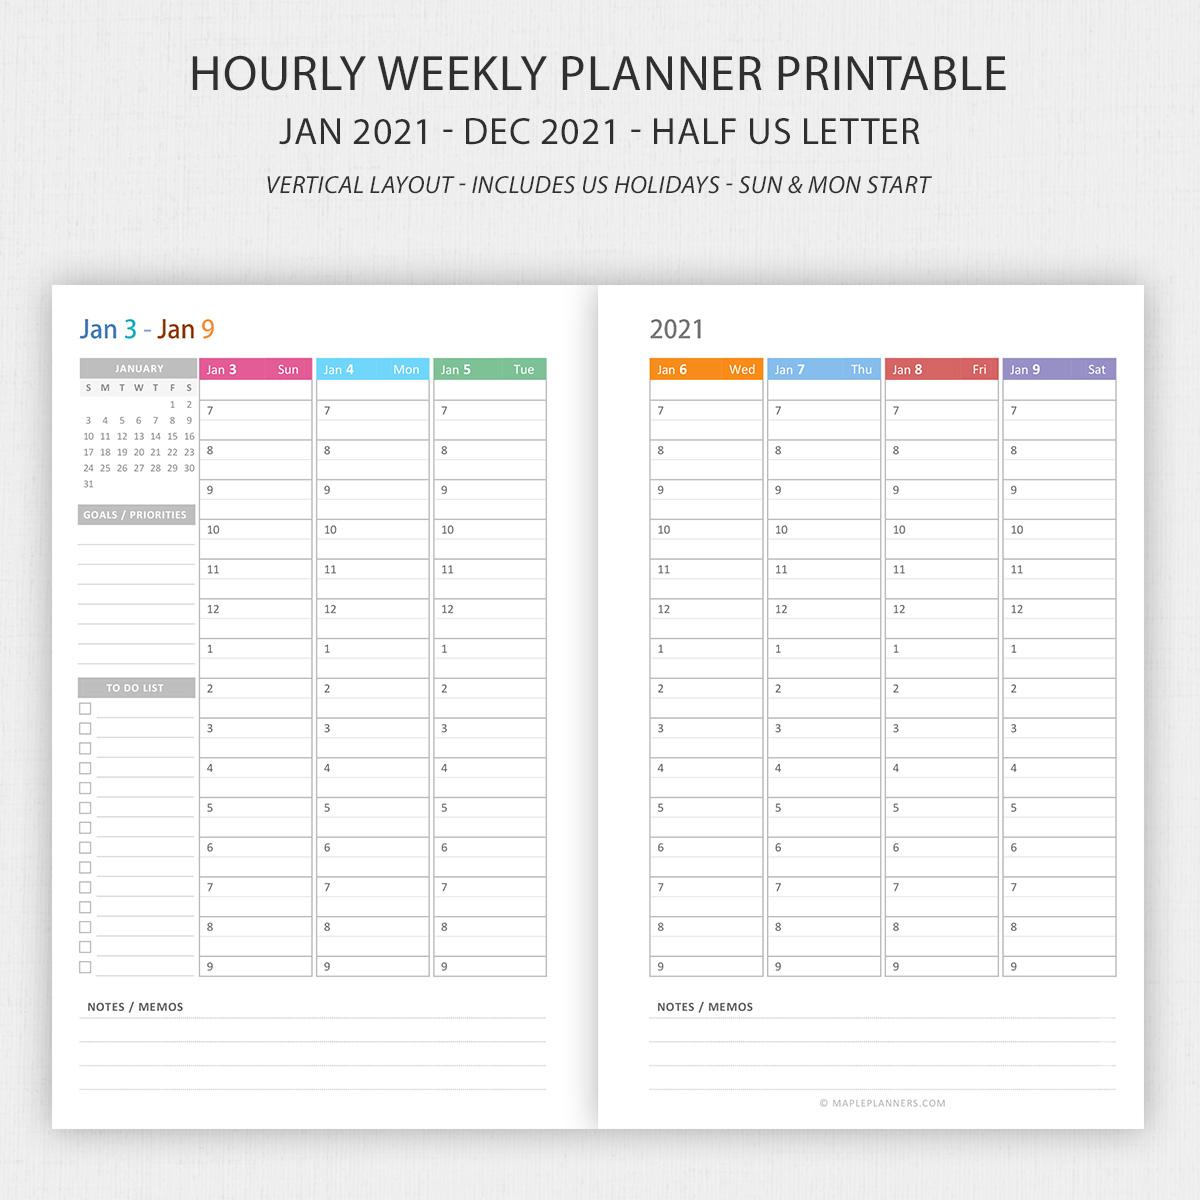 Half Letter Vertical Weekly Planner 2021 Printable